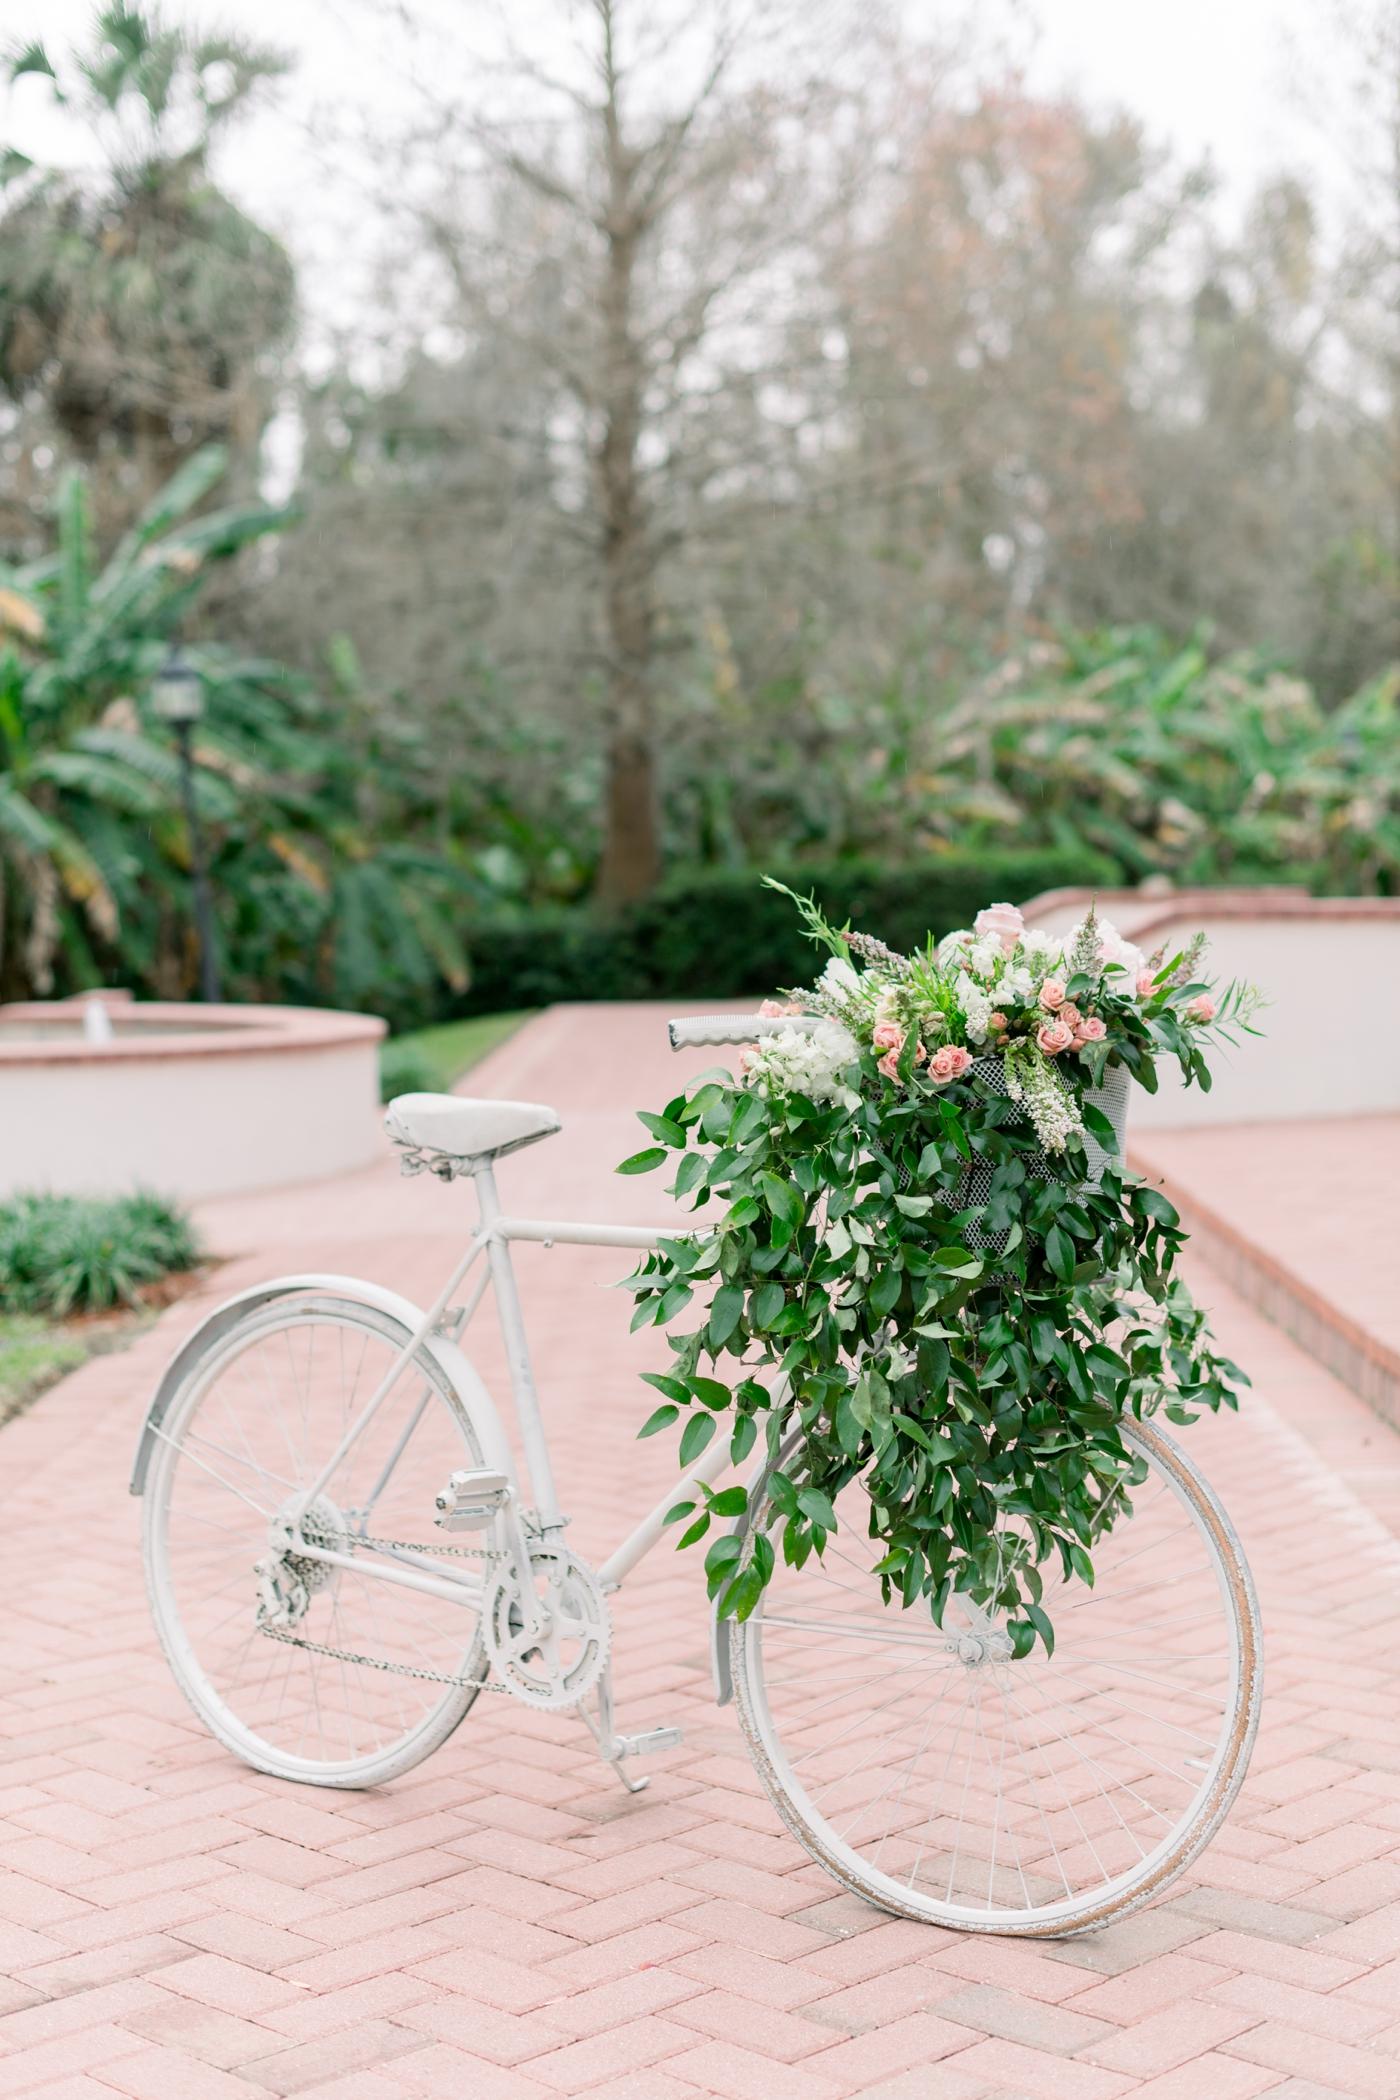 flower basket bicycle